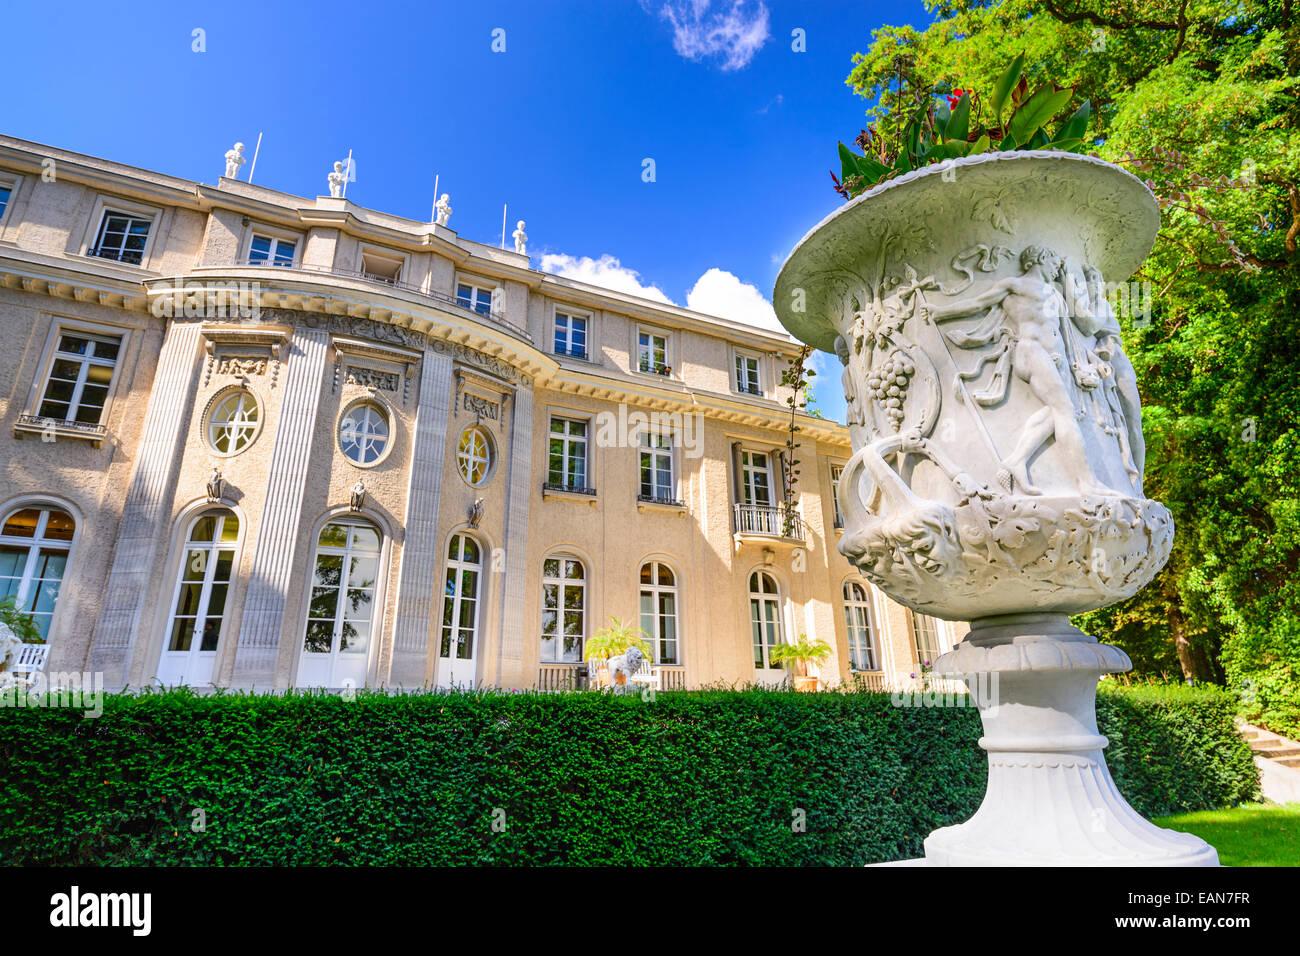 Das Haus der Wannsee. Die Villa diente von leitenden Mitgliedern der Nazi-Partei als Konferenzzentrum und ist jetzt Stockbild